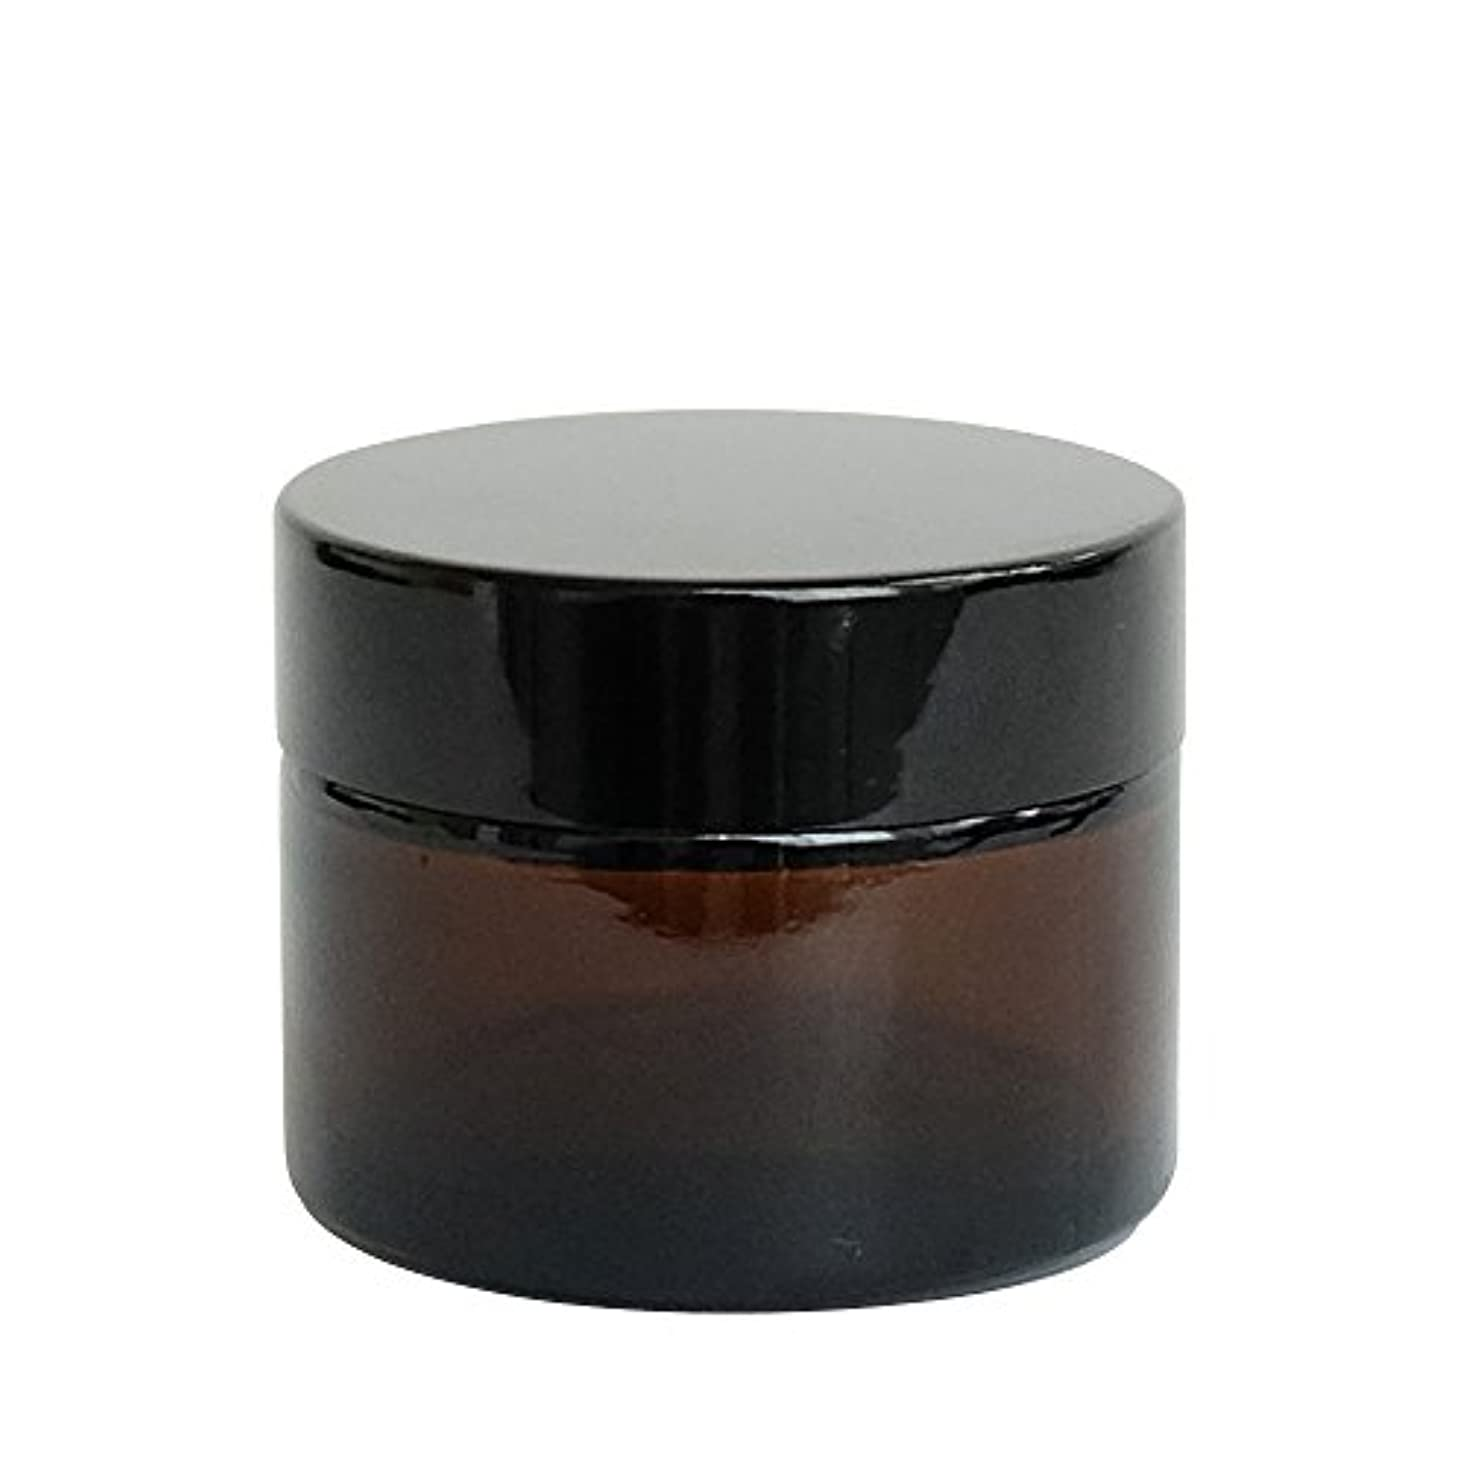 サイドボード良さバルセロナease 遮光ジャー 茶色 50g用×10個